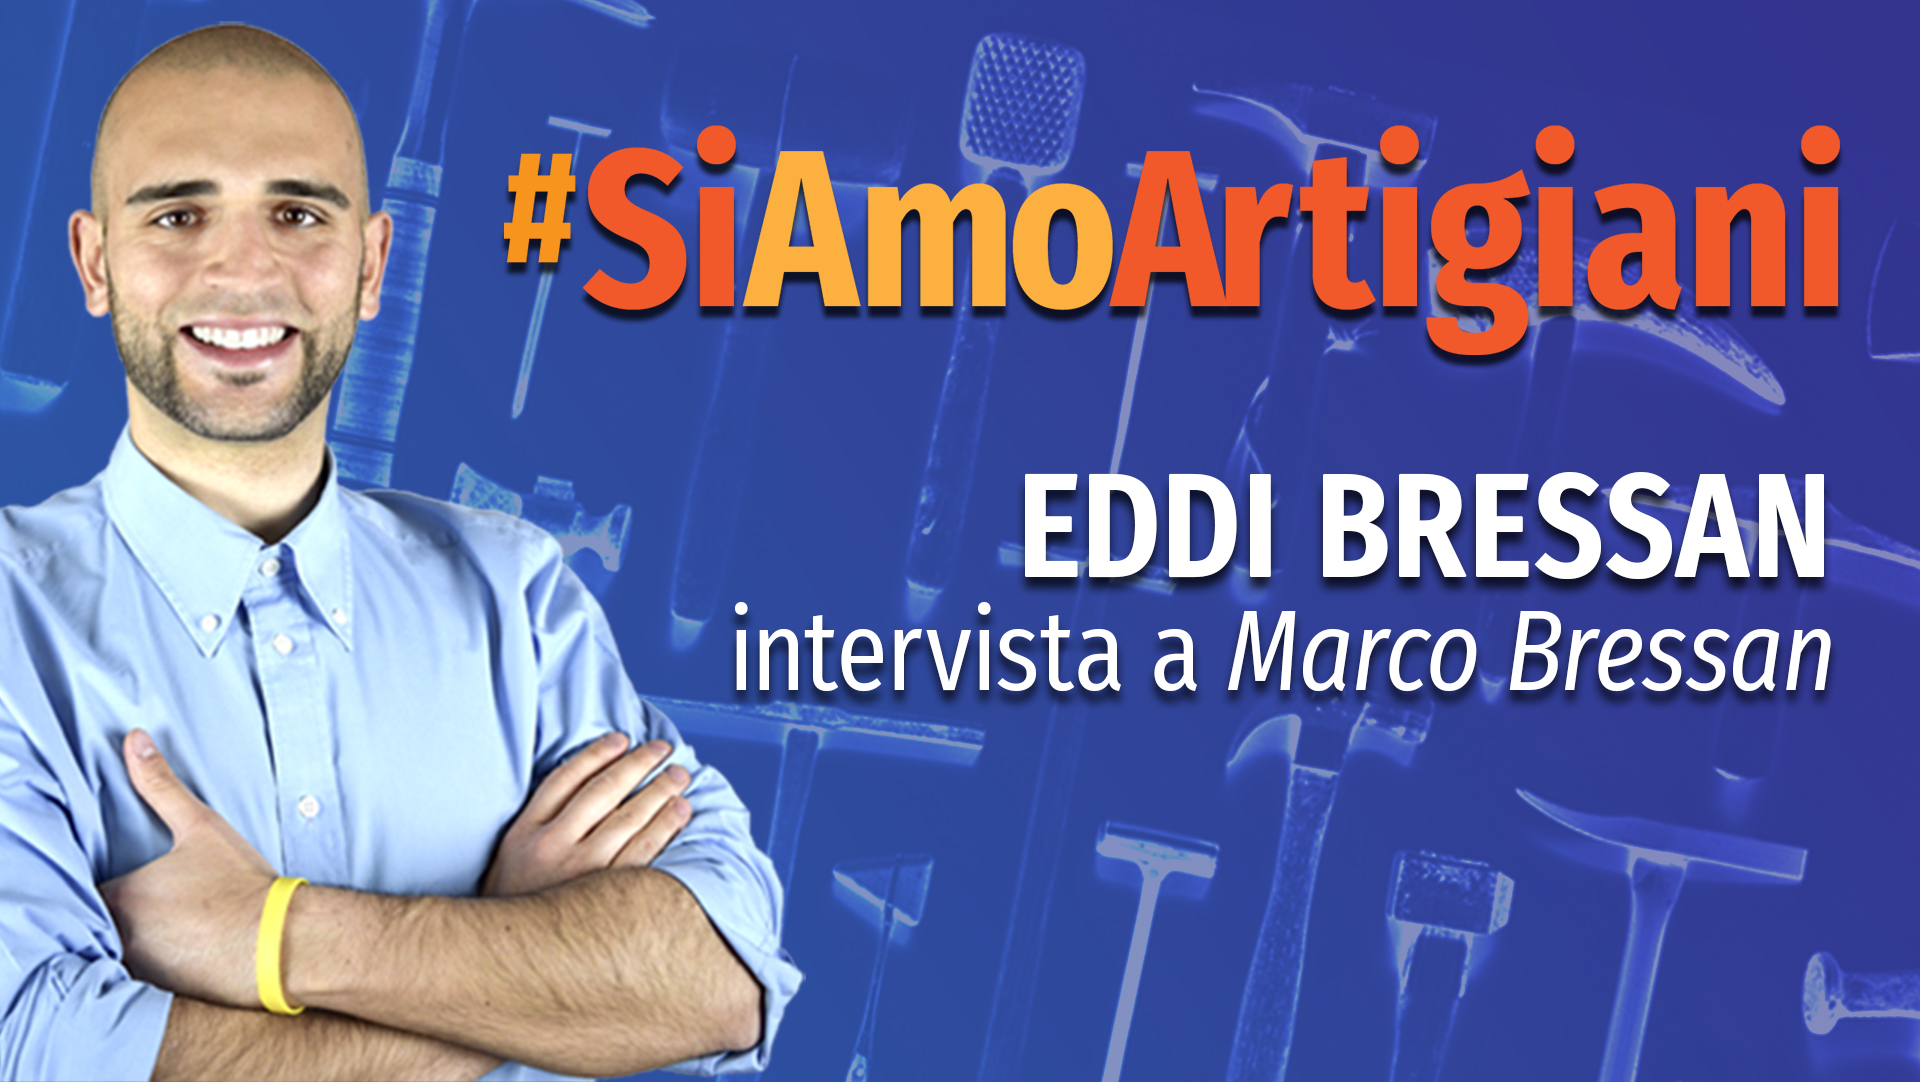 #siamoartigiani-intervista-a-marco-bressan-(Eddi-Bressani)